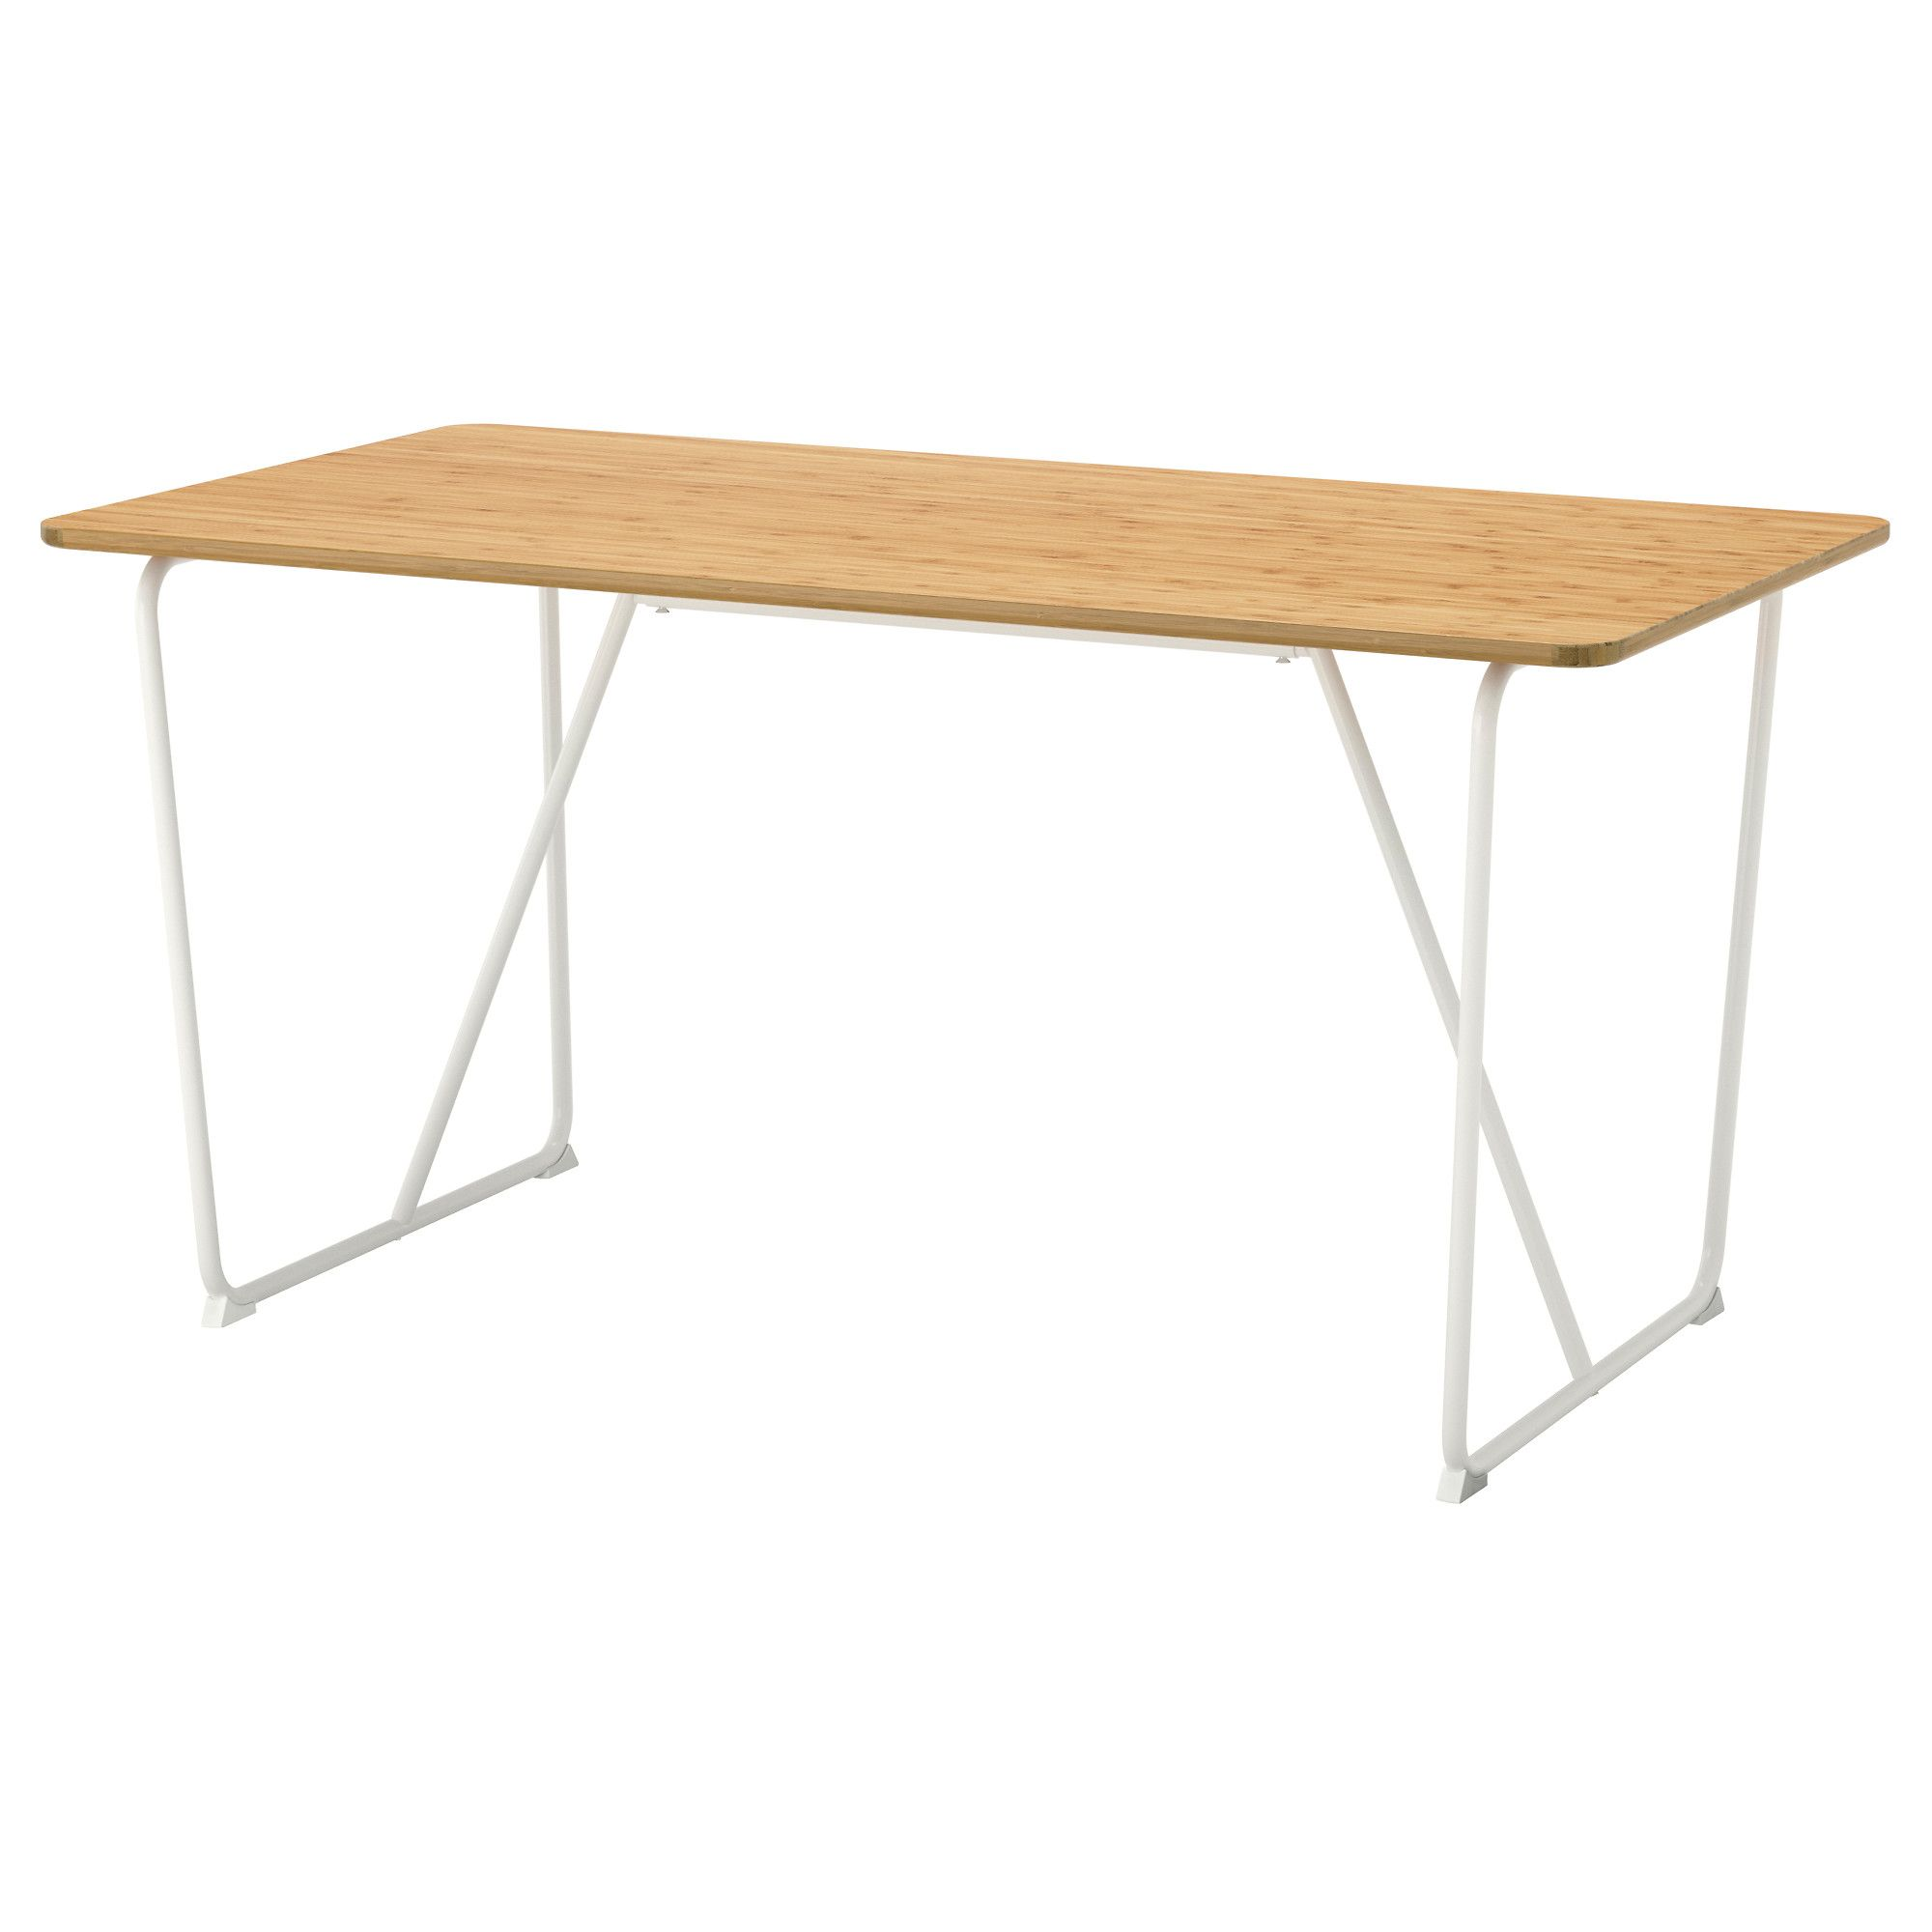 Tischplatte ikea birke  ÖVRARYD Table, white bamboo, Backaryd bamboo white | Tisch weiß ...